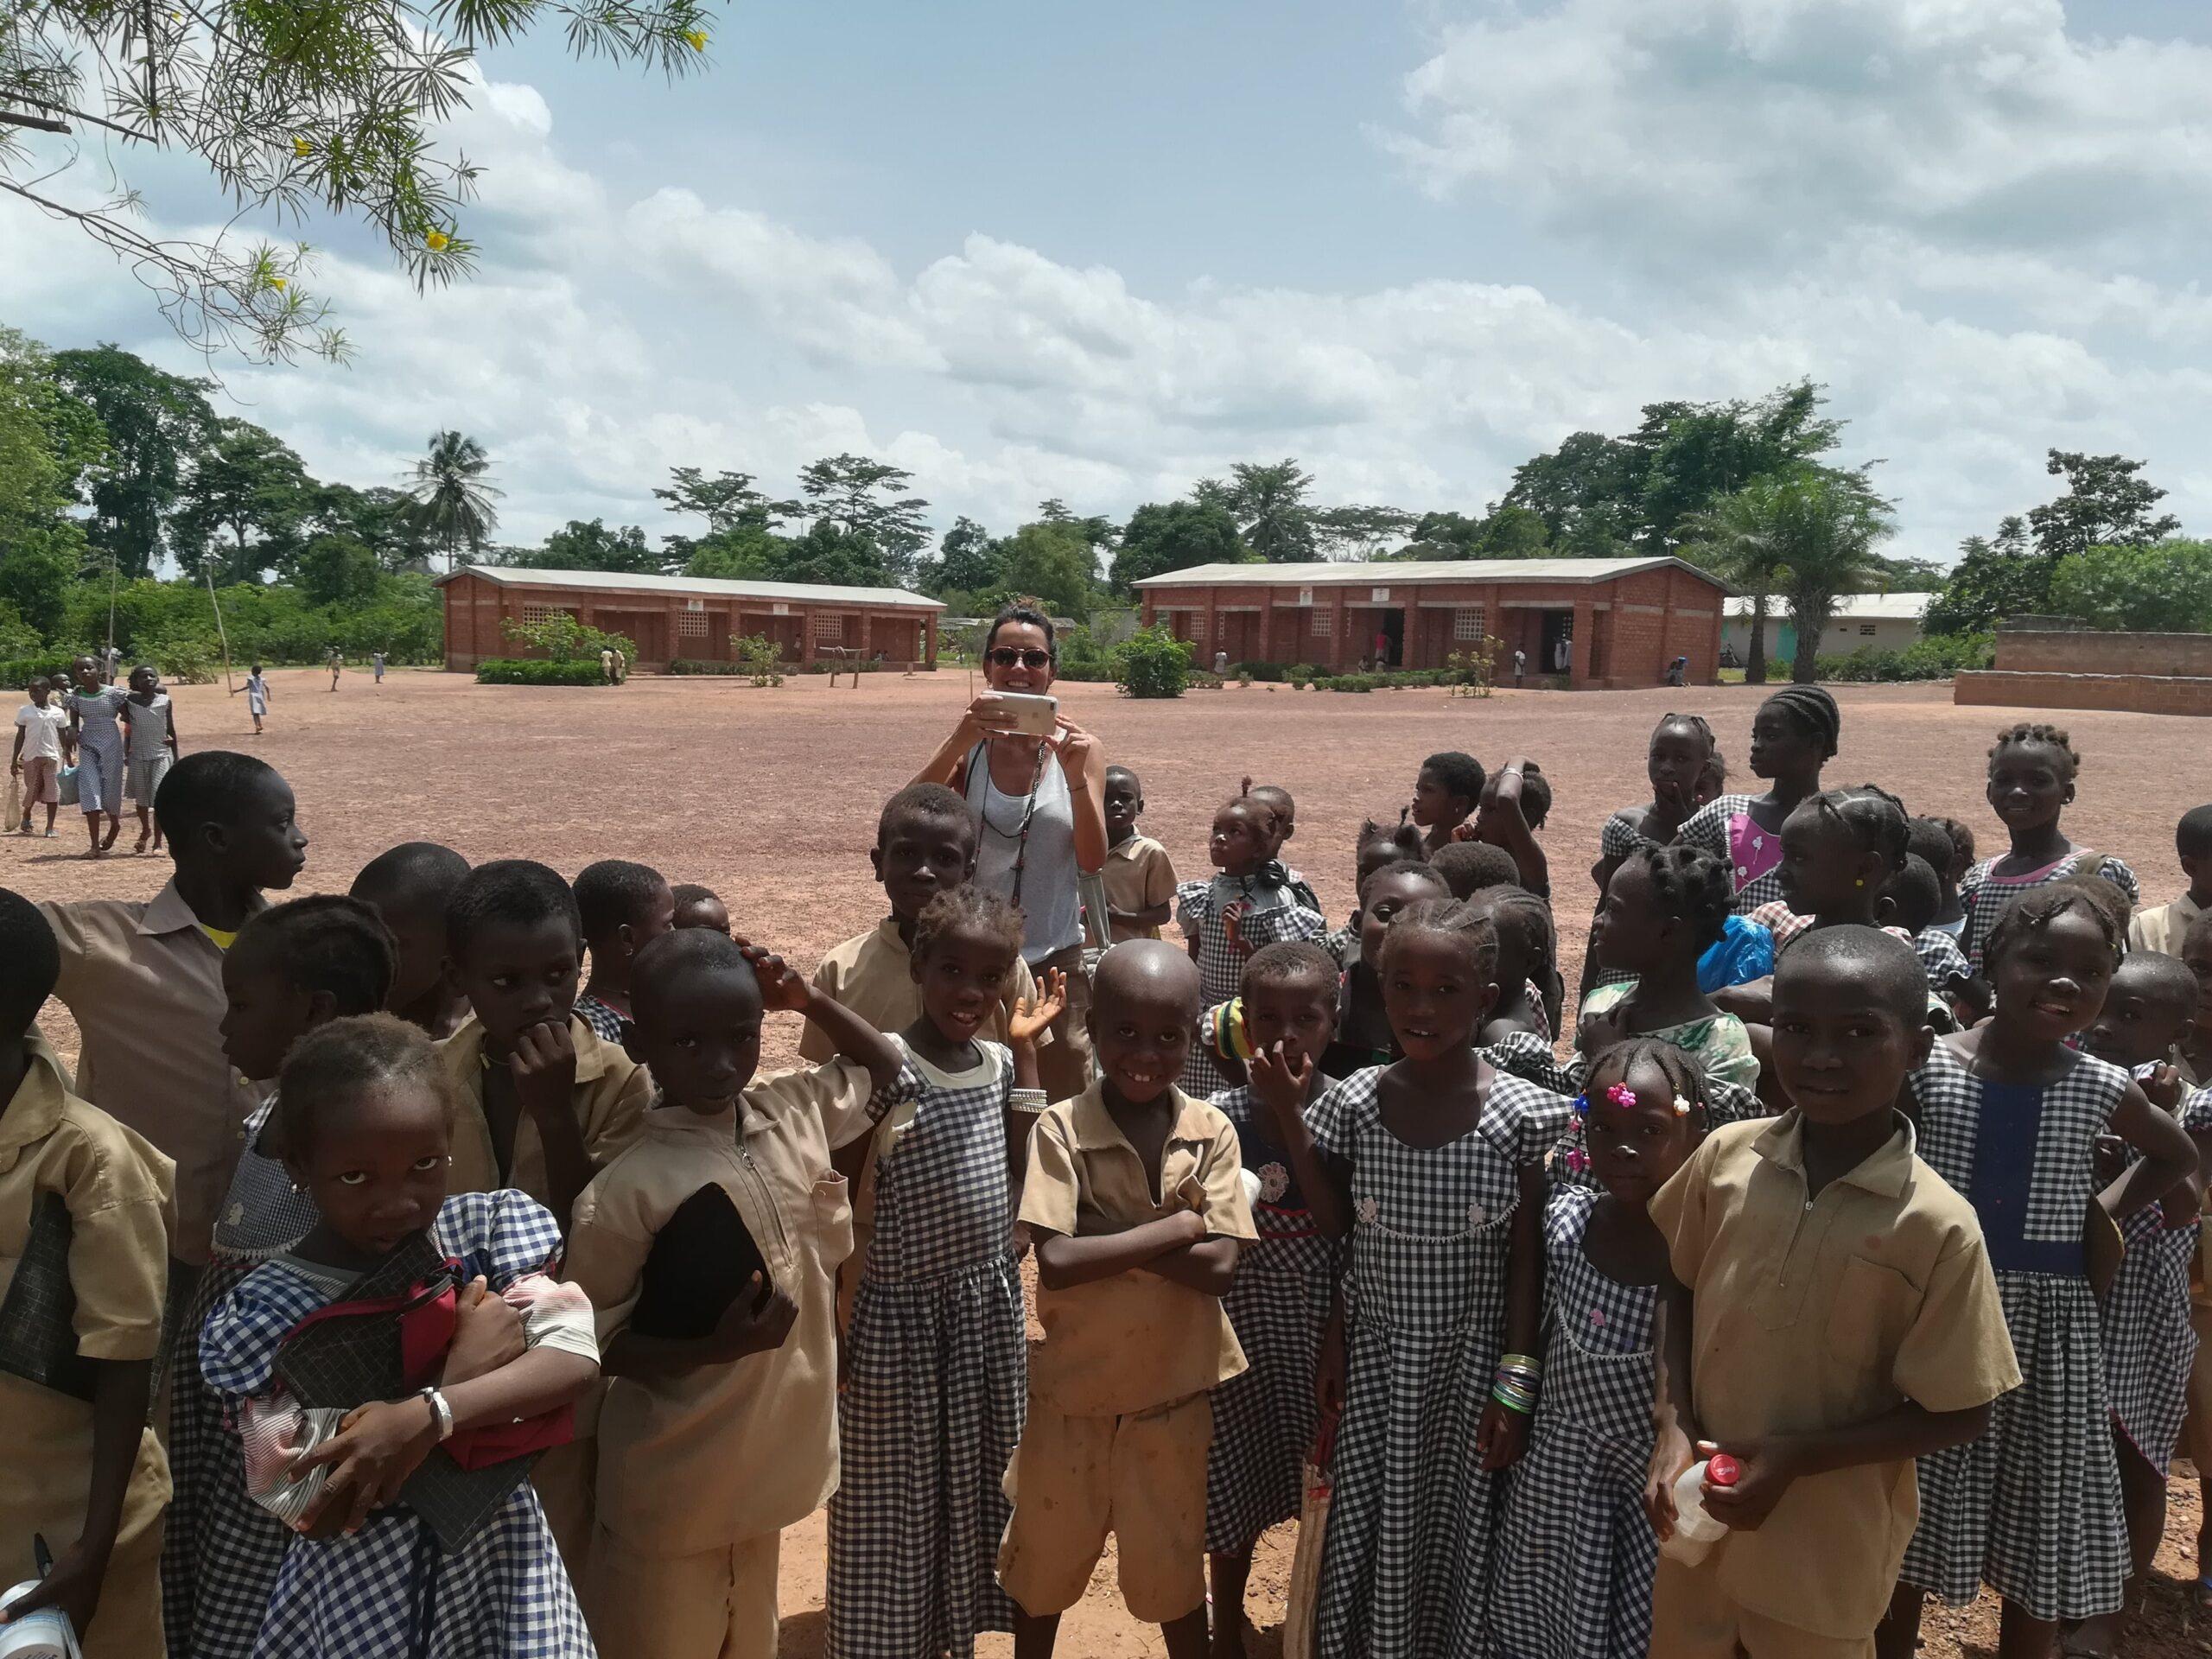 CRISTINA SAAVEDRA, de La Sexta a Global Humanitaria